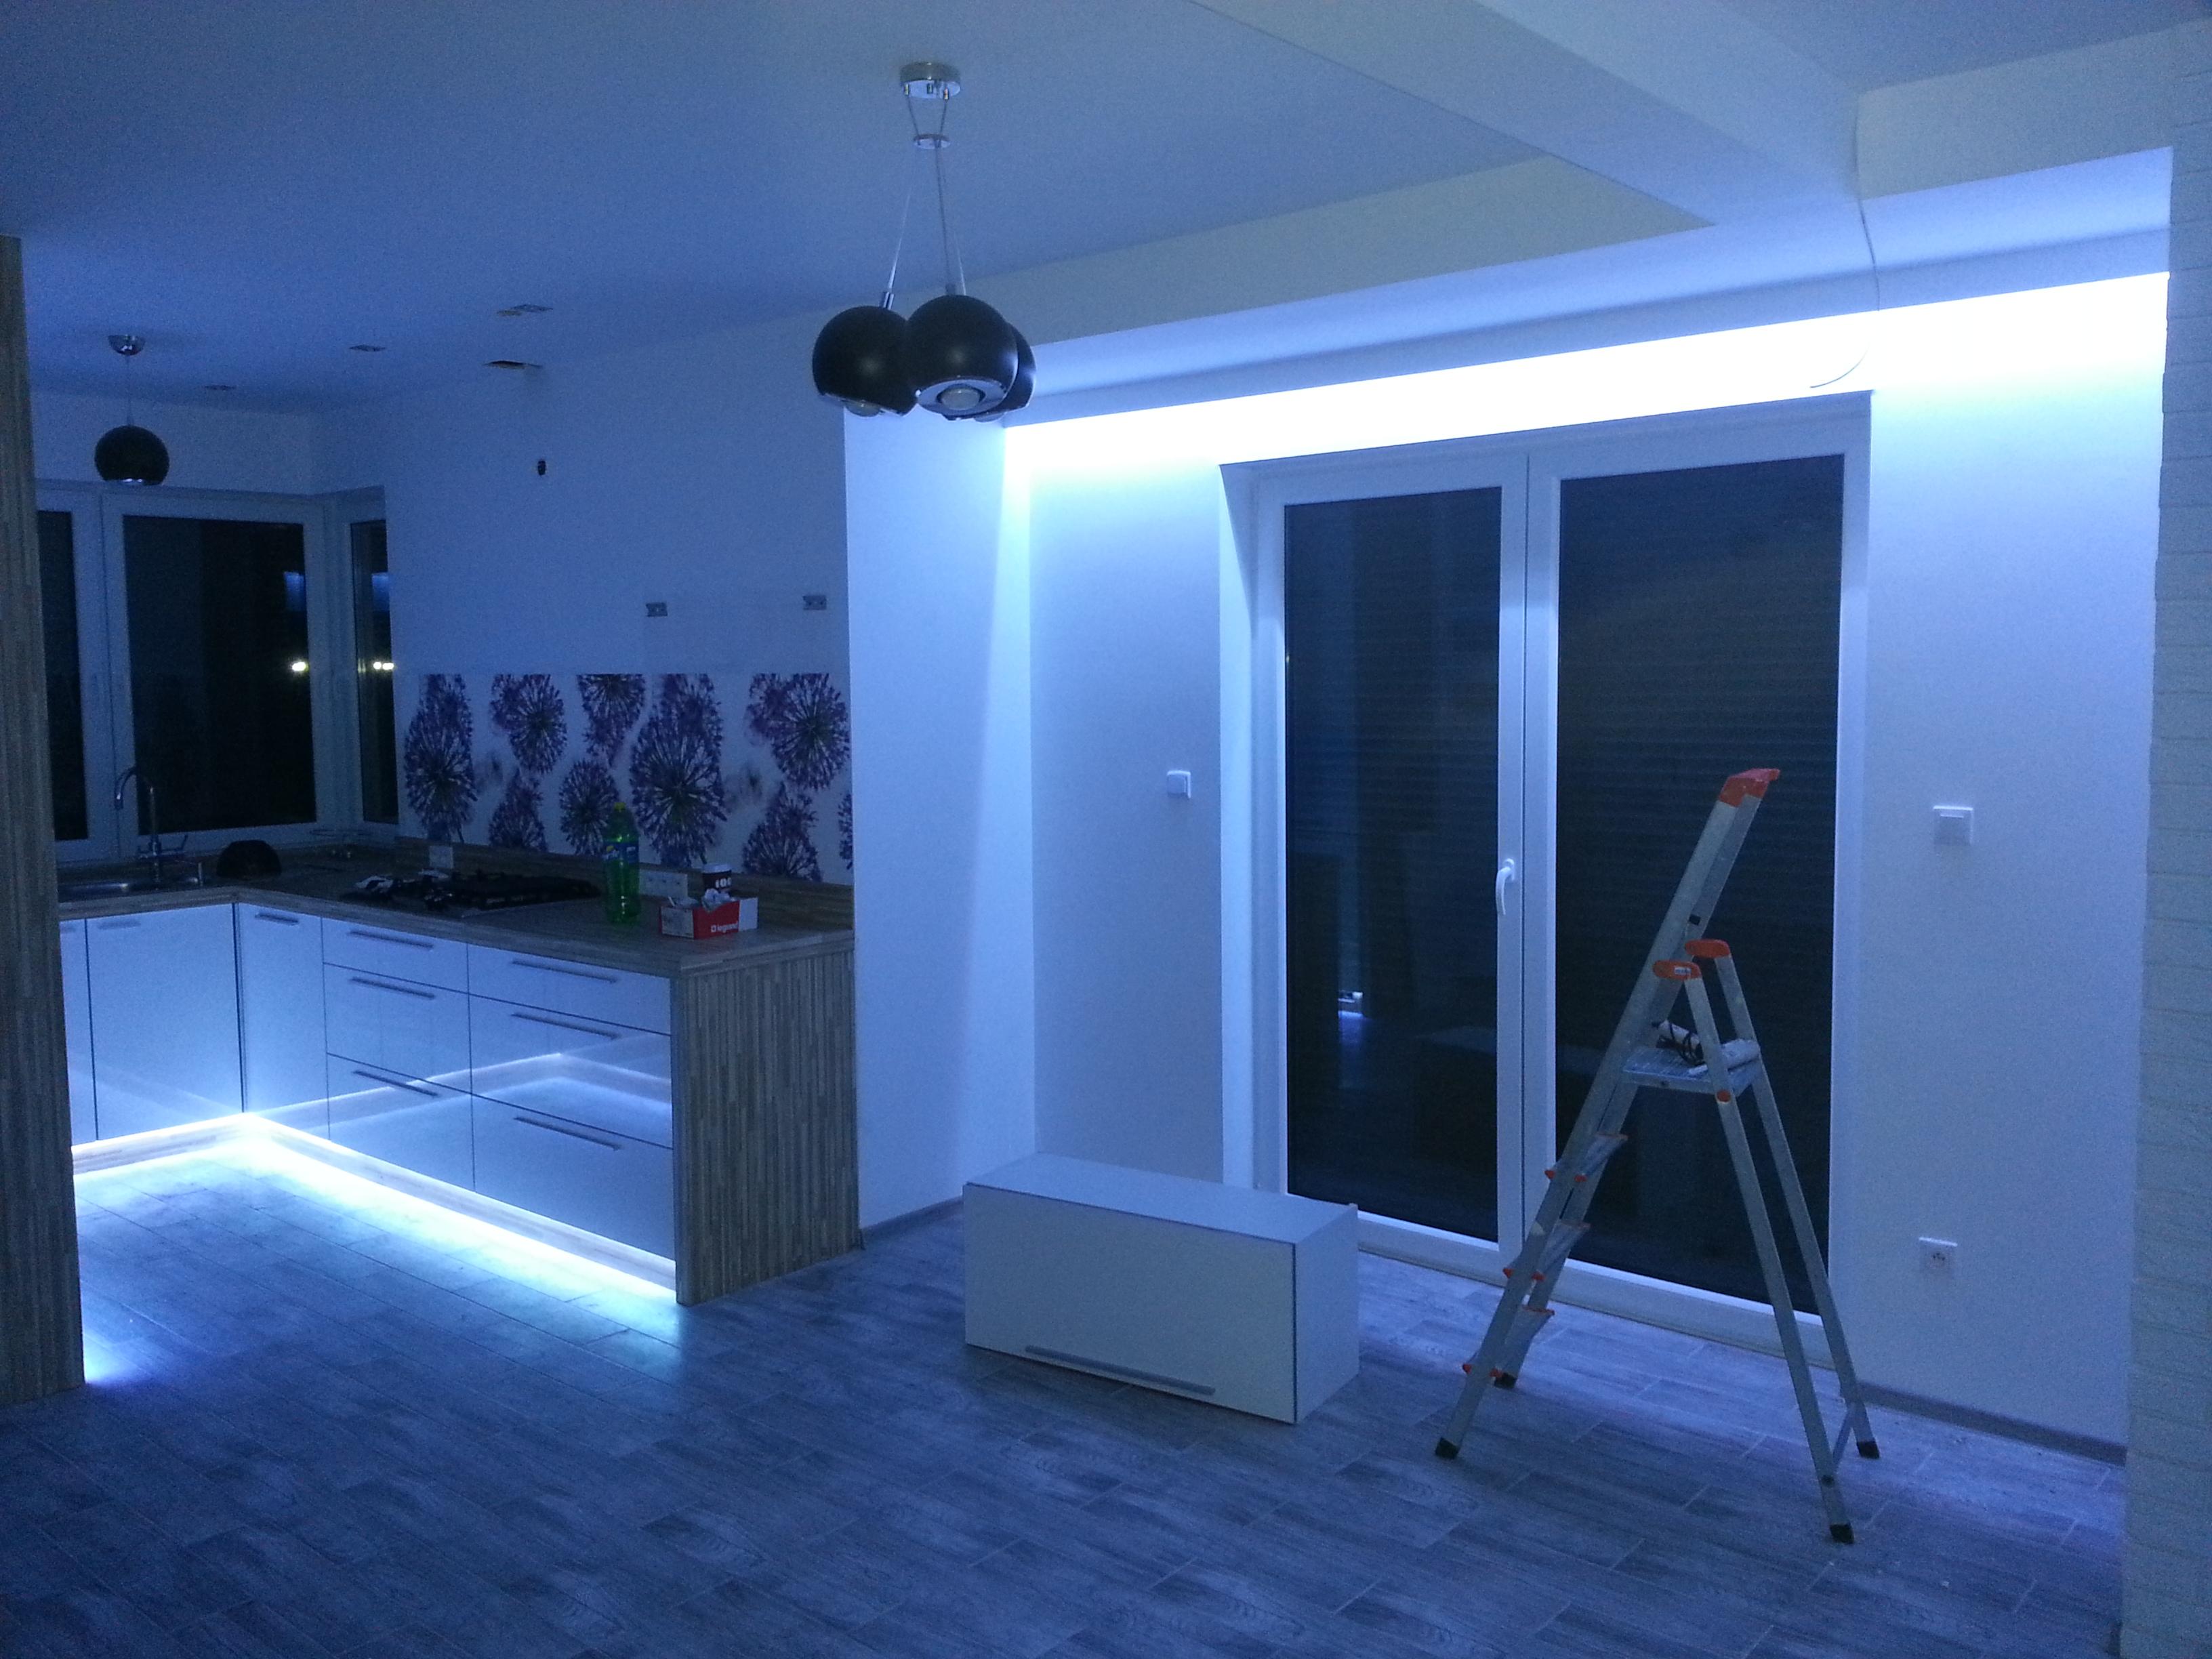 instalacja inteligentnych systemów sterowania oświetleniem